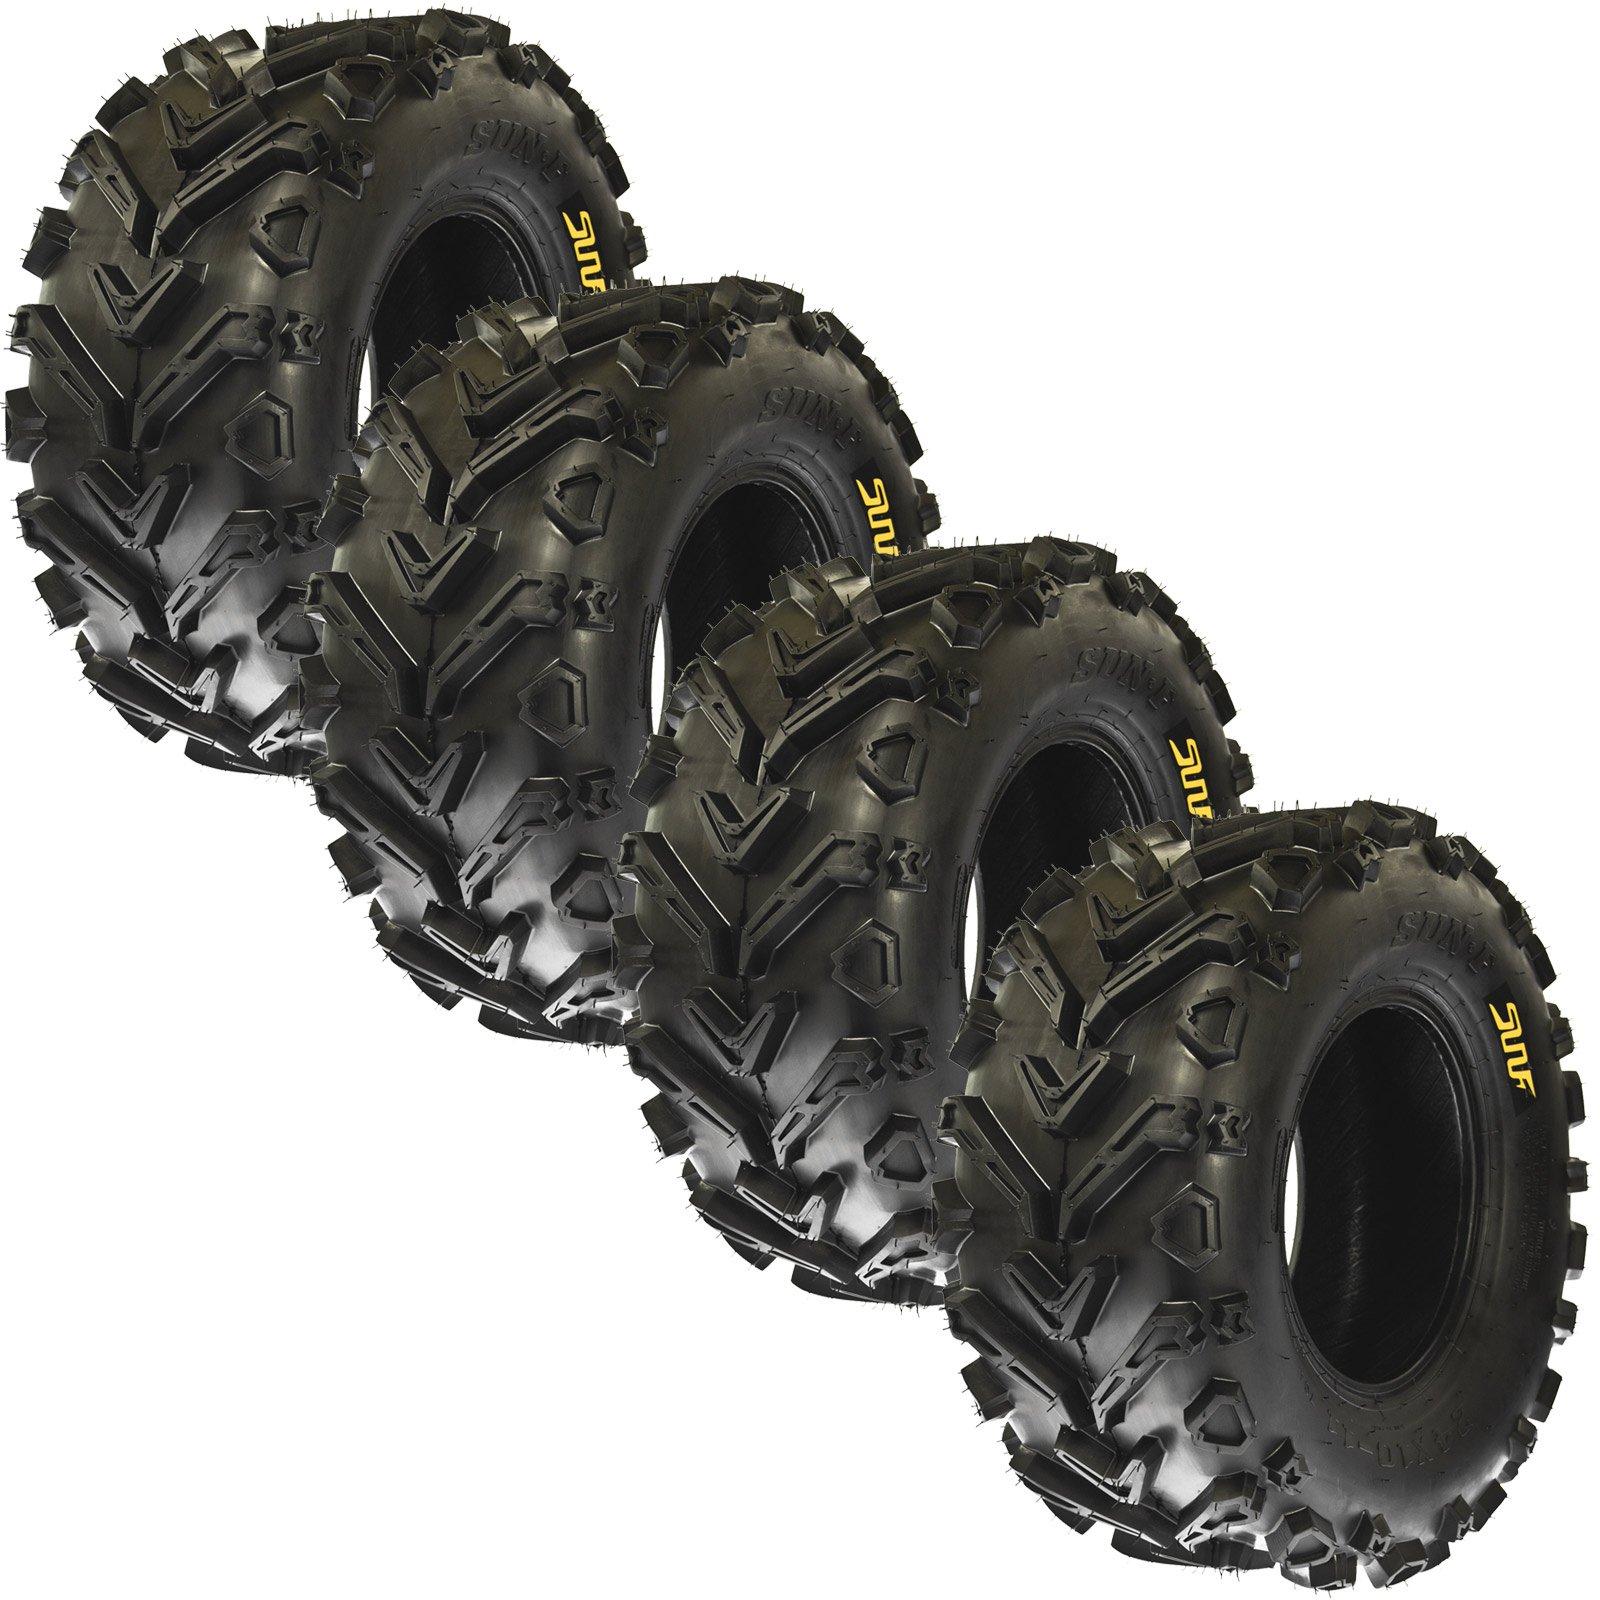 4 TIRE INNER TUBES 24x8-12 24x10-11 TR13 Straight Valve fit Honda Rancher ATV